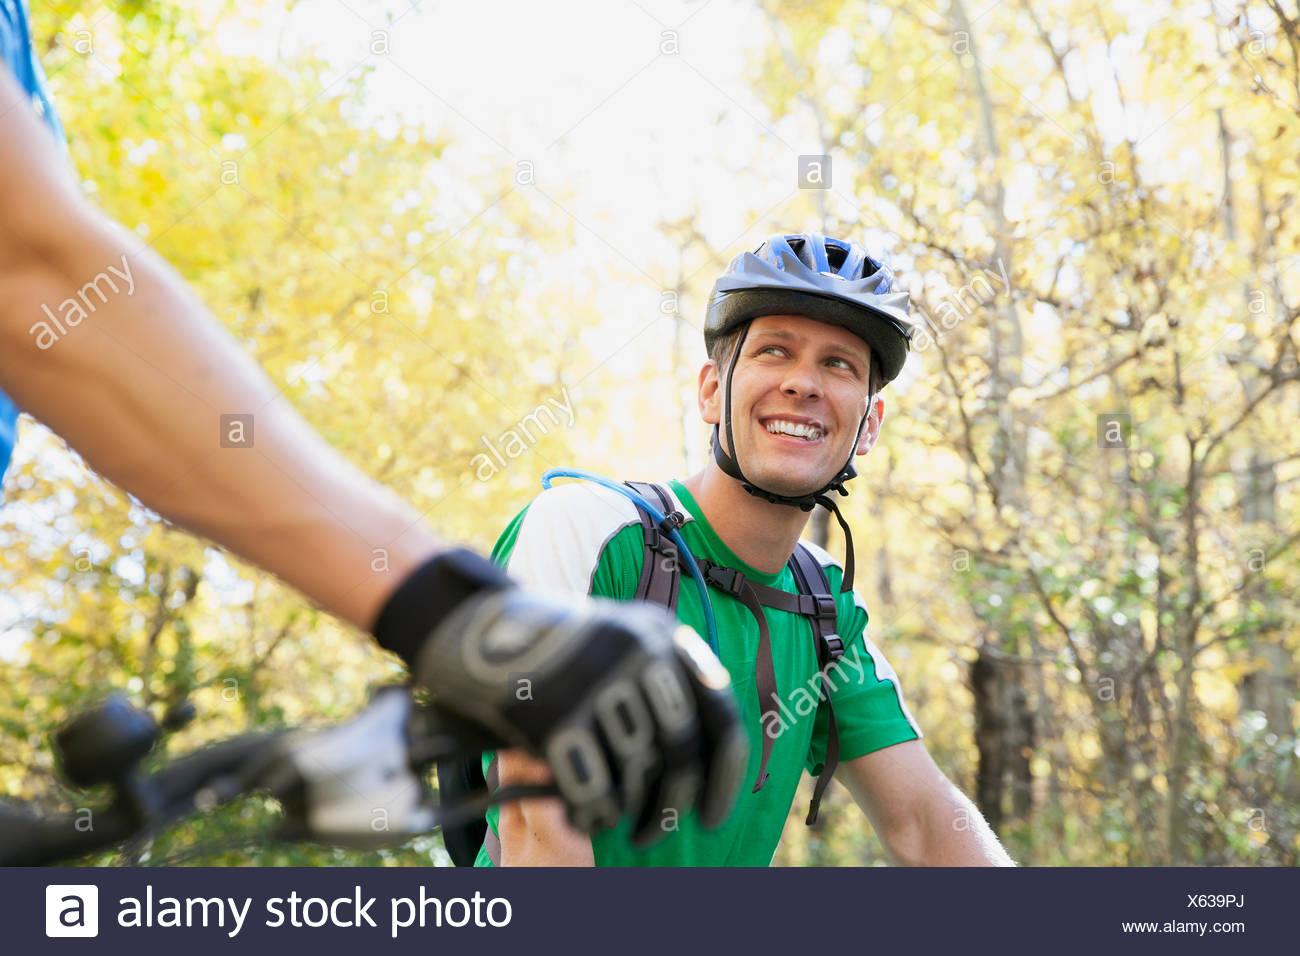 L'homme en se tournant vers cycliste partenaire. Photo Stock